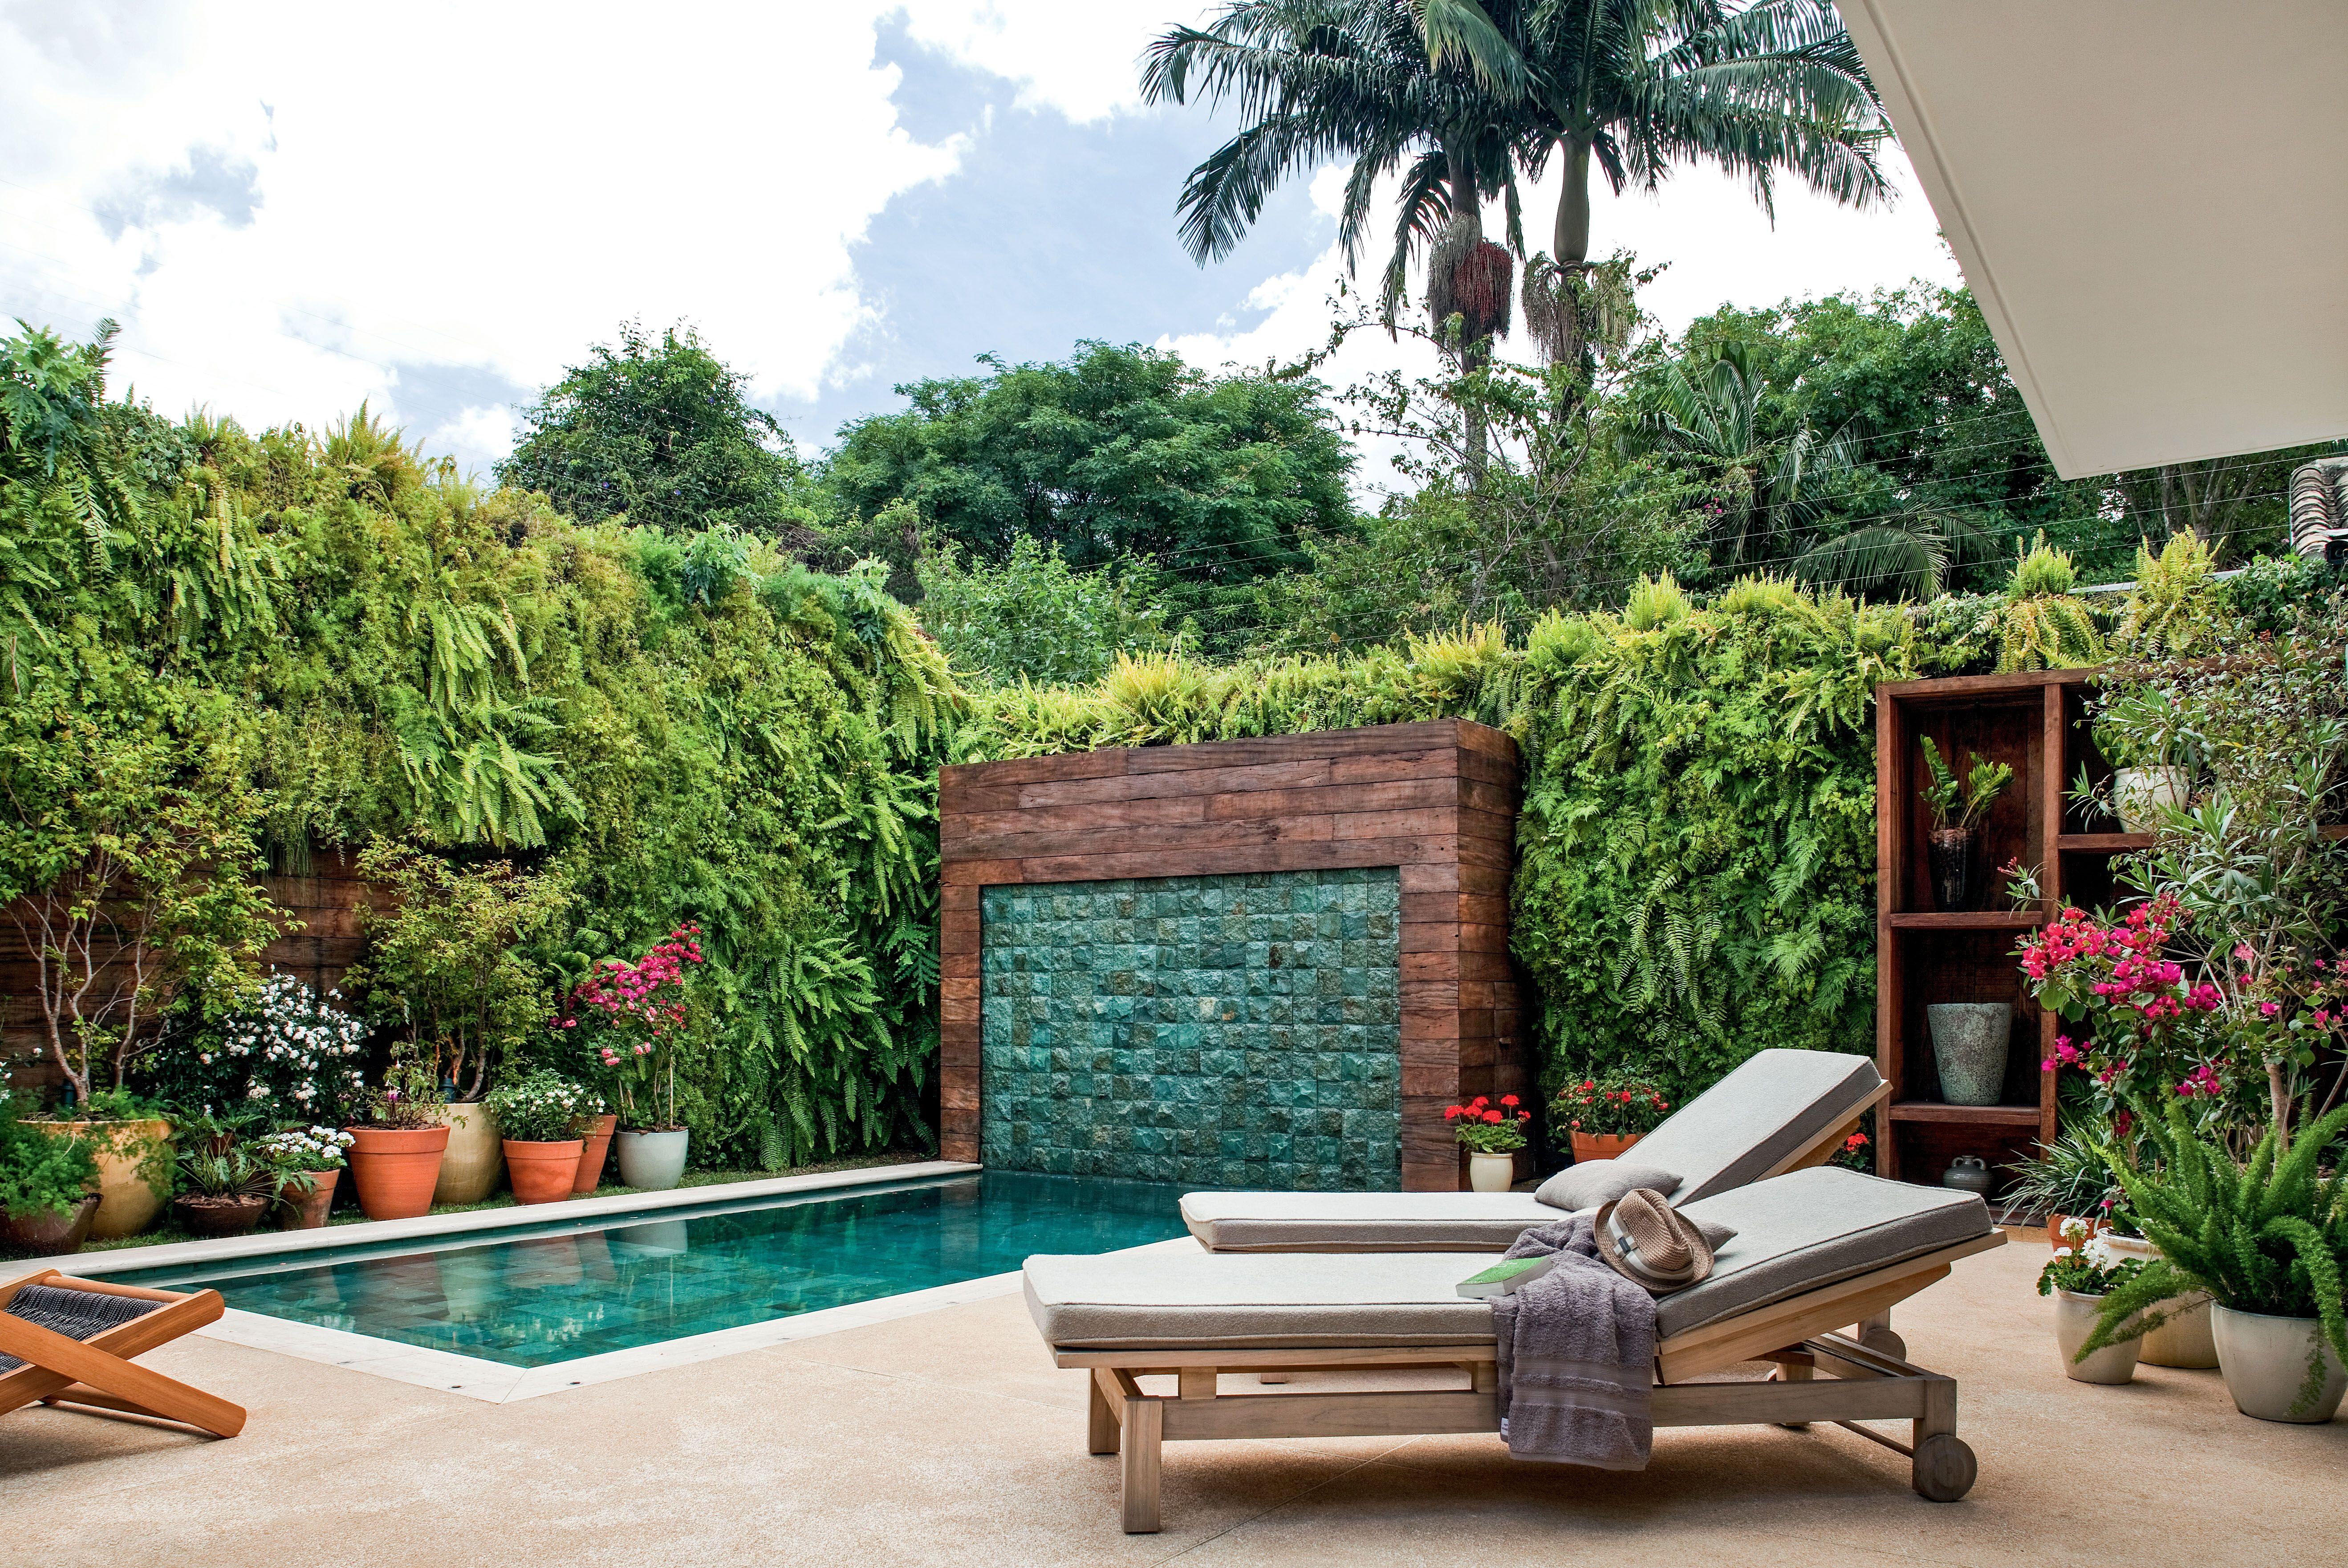 25 melhores ideias de cascata para piscina no pinterest piscinas com cascata picinas com - Depuradoras para piscinas pequenas ...